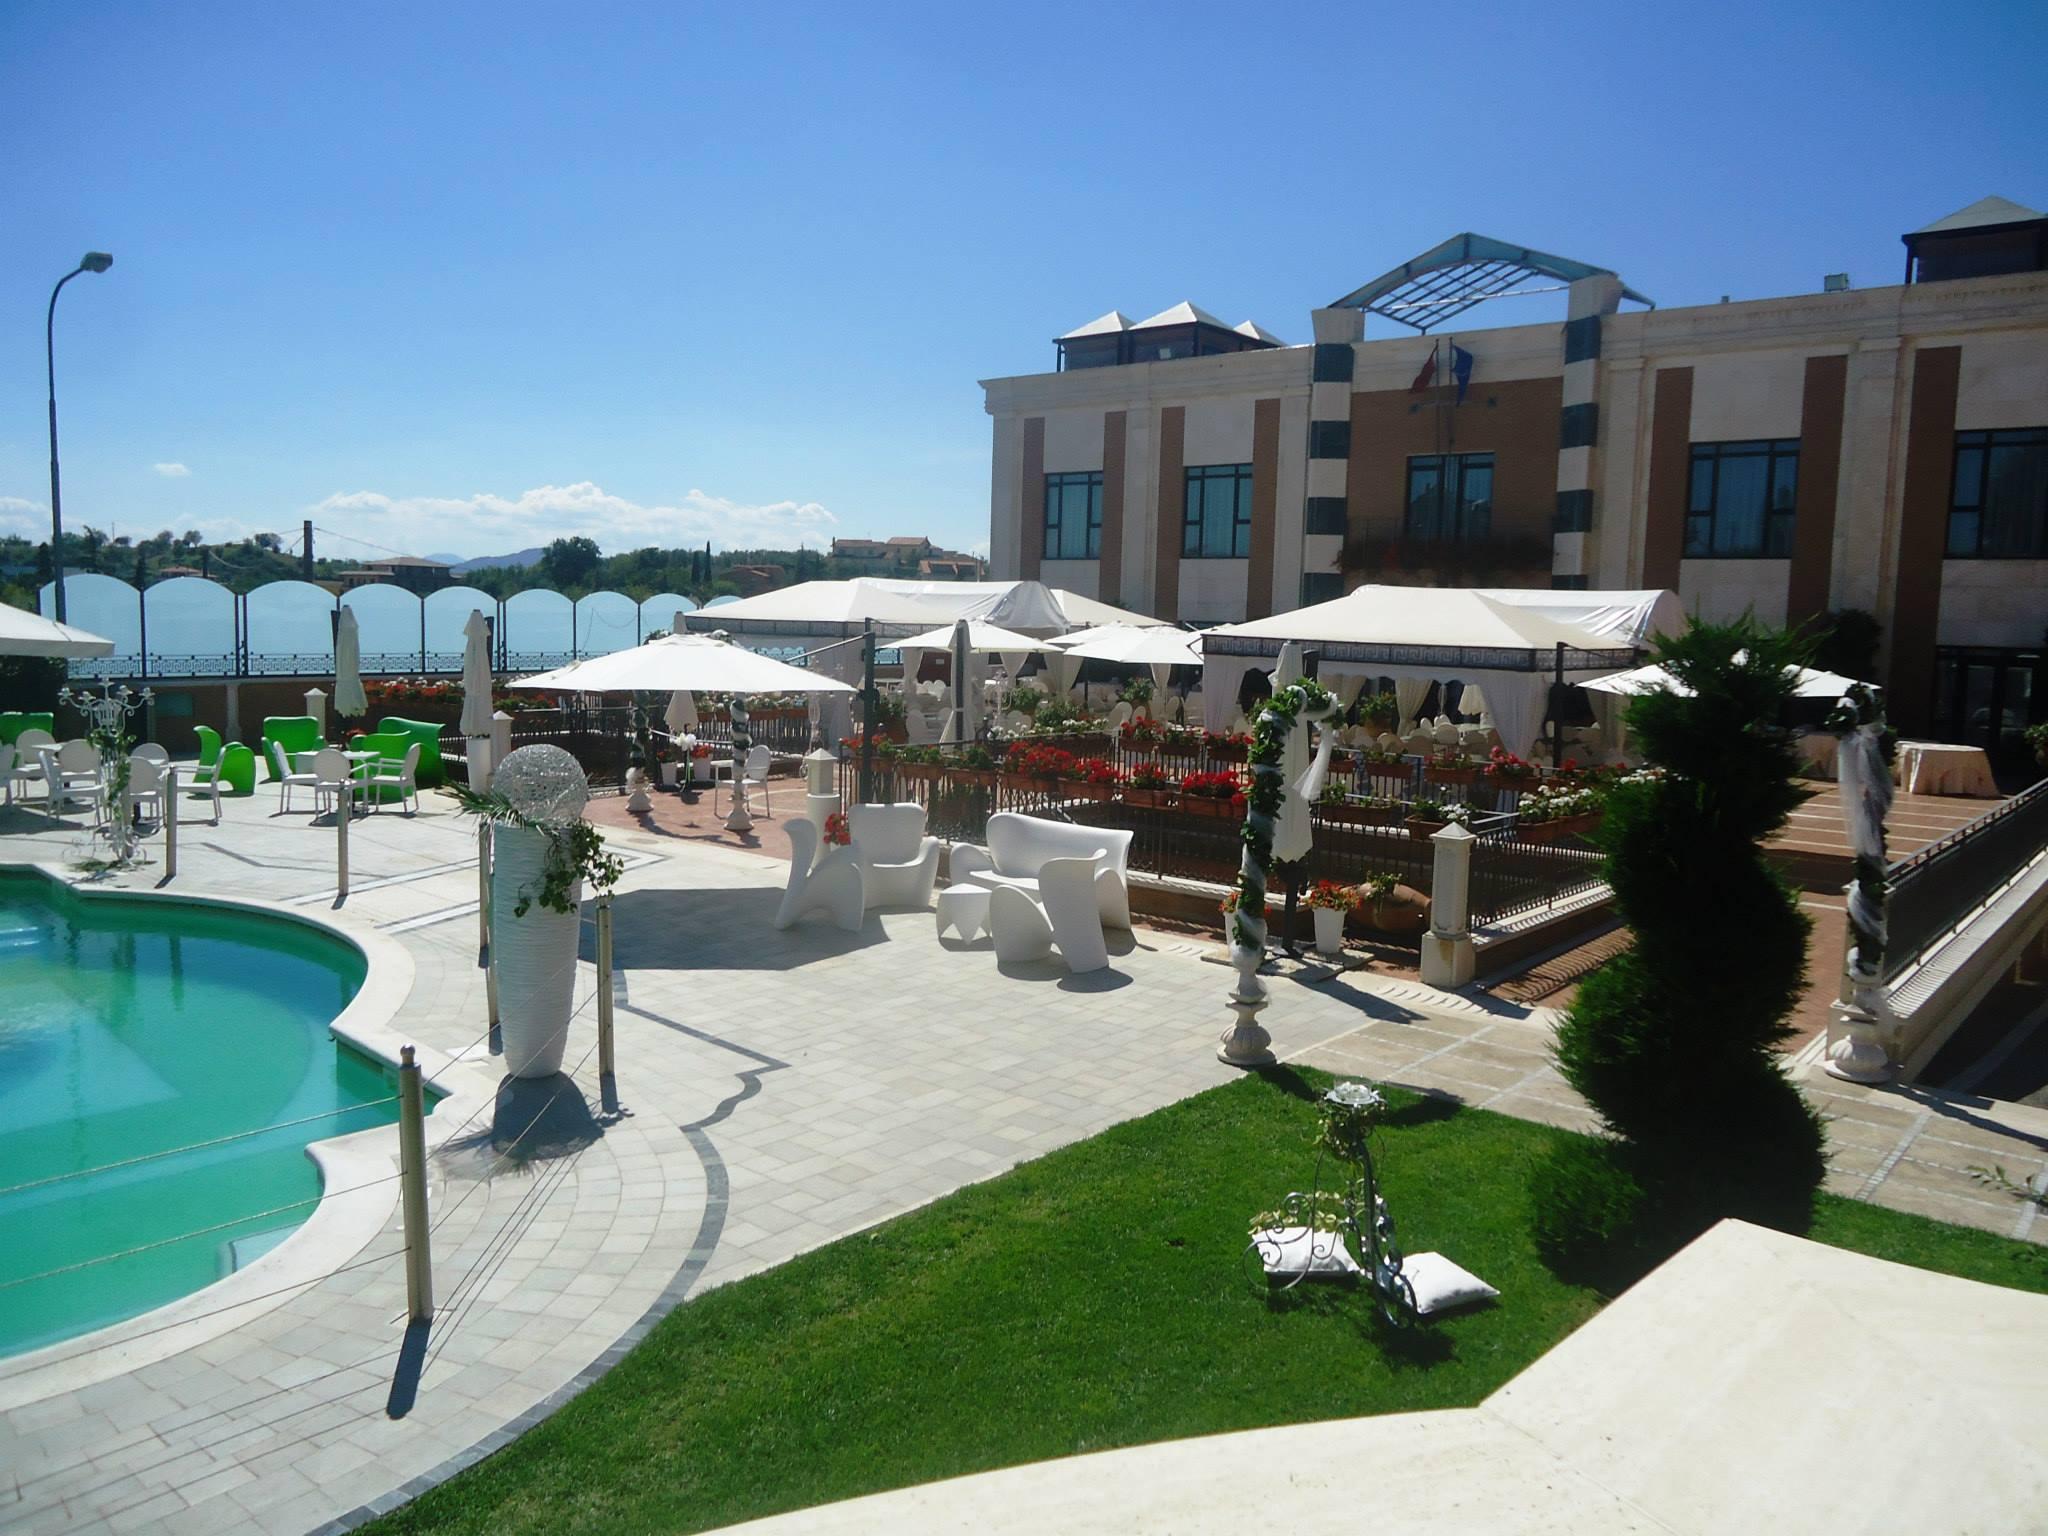 Hotel Centro Benessere Incontro (Ariano Irpino – Avellino – Campania)